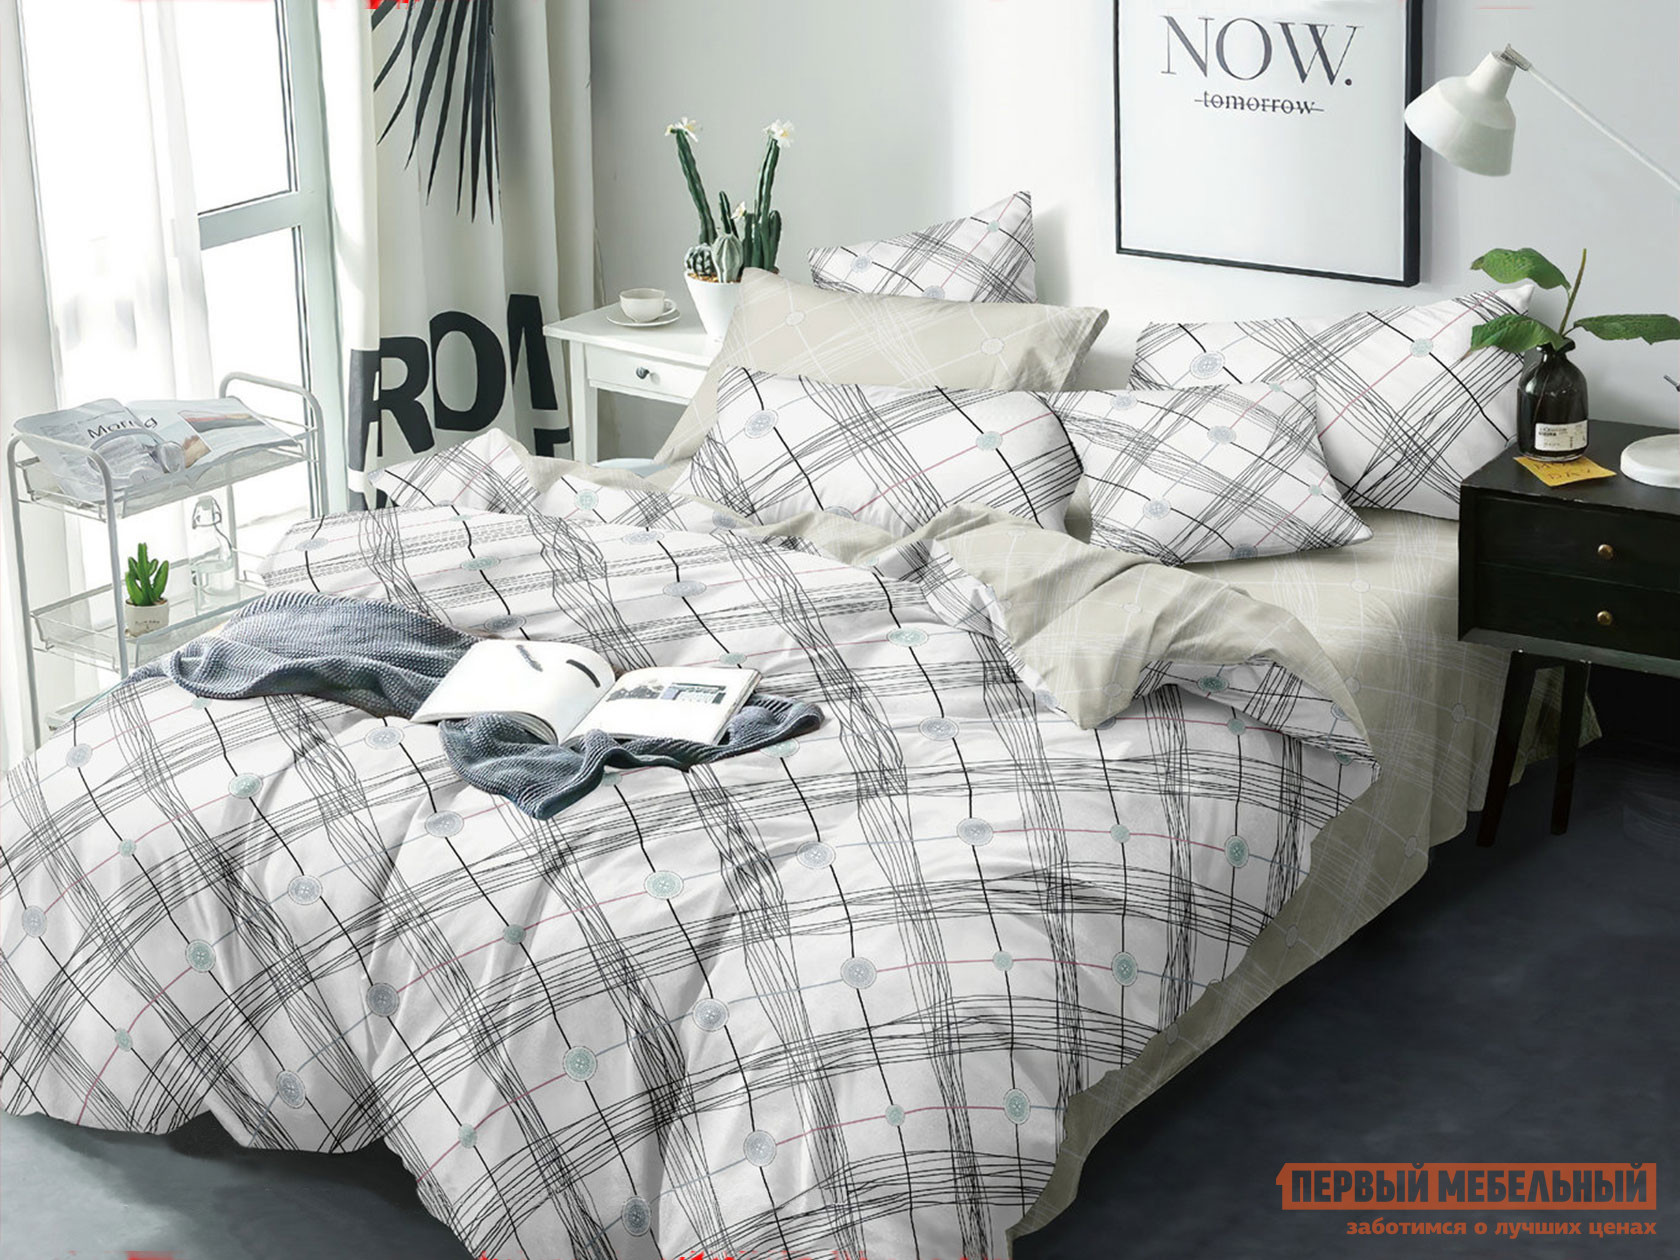 Комплект постельного белья КПБ Butterfly Поплин 12016 12016, поплин, Двуспальный фото